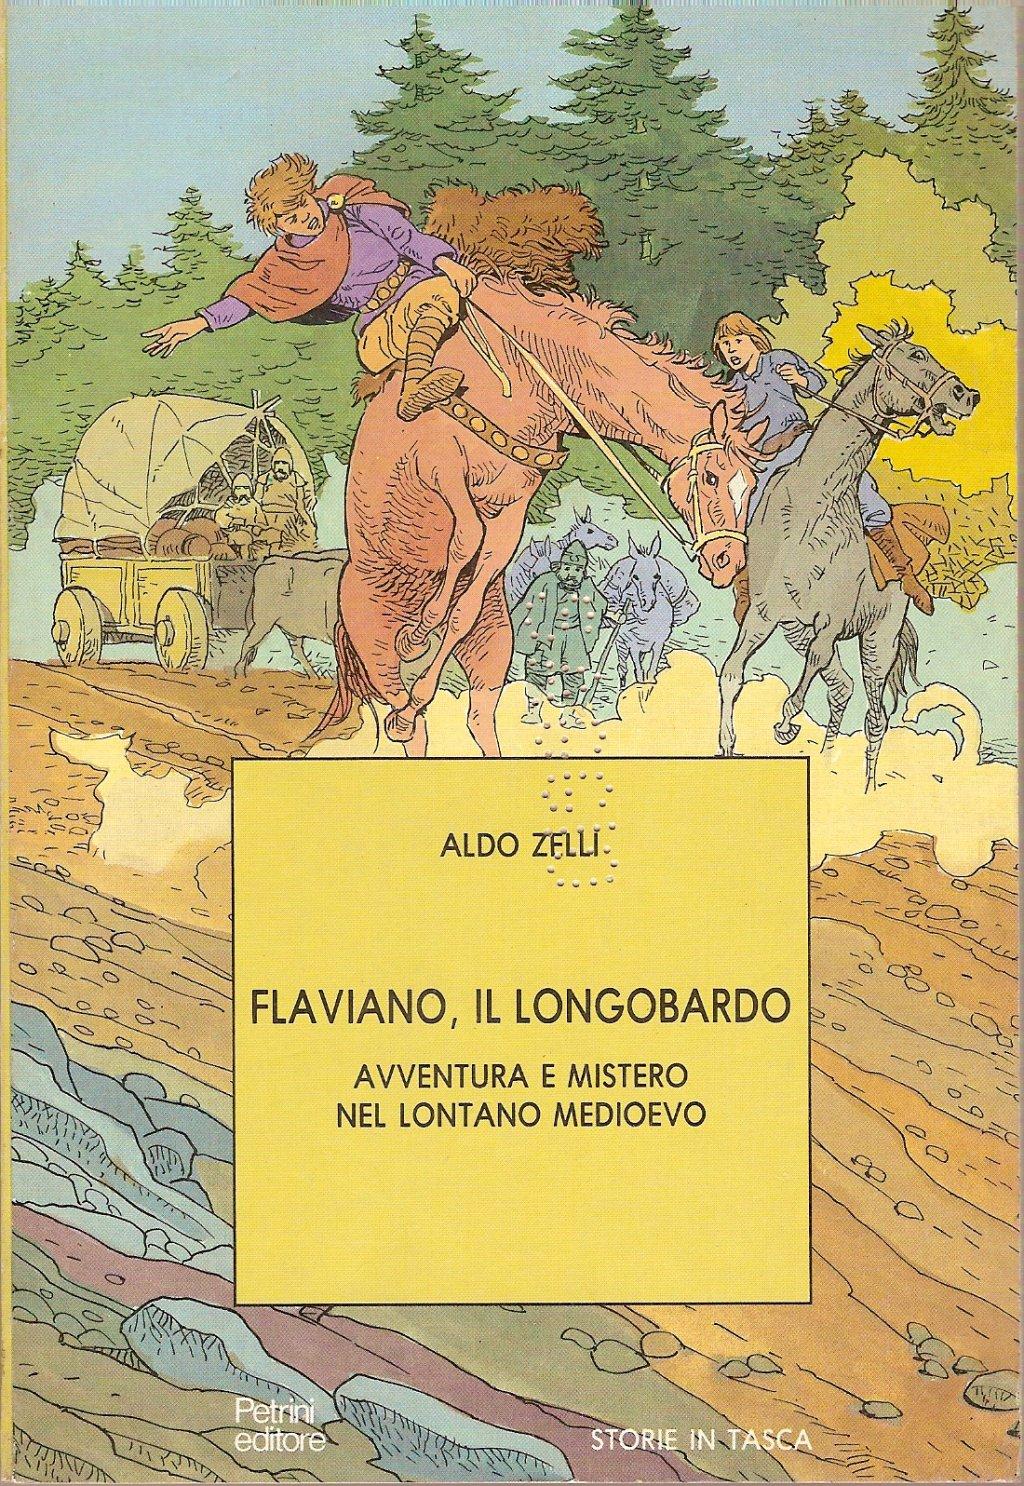 Flaviano, il longobardo